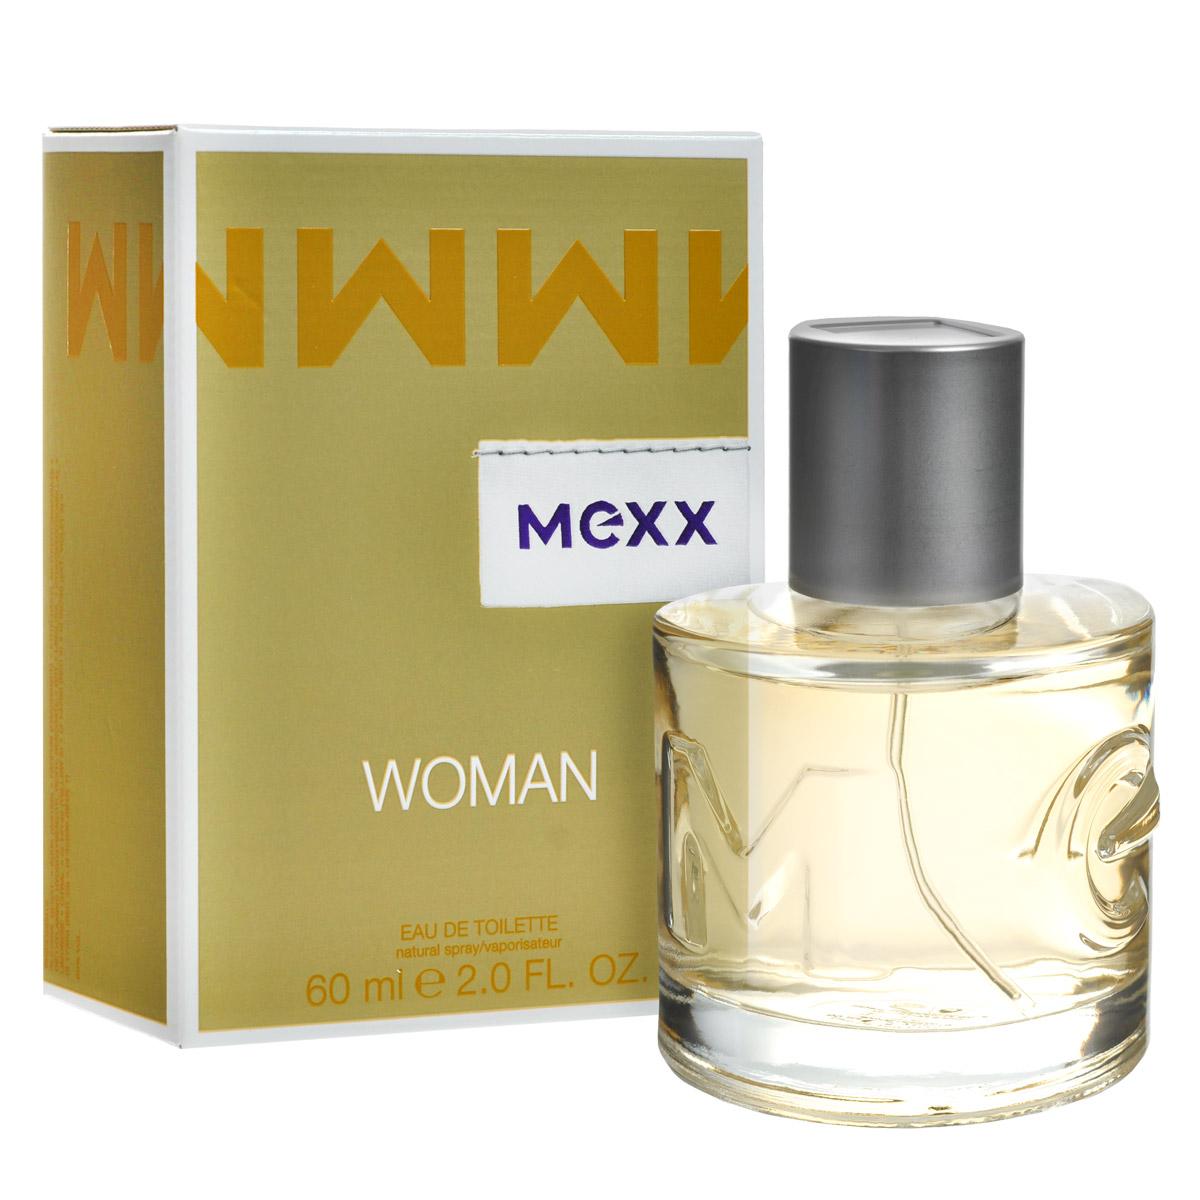 Mexx Туалетная вода Mexx Woman, 60 мл0737052682396Классический аромат Mexx Woman - идеальный выбор для женщин, которые смотрят на жизнь с оптимизмом. Именно они с легкостью достигают поставленной цели, преодолевают преграды и достигают успеха. Удивительная композиция из цветочных, фруктовых и древесных аккордов наполнит их силой, энергией и уверенностью в себе. Игристые верхние ноты бергамота, лимона и черной смородины плавно переходят в сердце из белого жасмина, нежного ландыша и болгарской розы. Теплый древесный шлейф из нот сандалового дерева, кедра и амбры придает аромату загадочность и легкость Классификация аромата : цитрусовый. Пирамида аромата : Верхние ноты: черная смородина, бергамот, лимон. Ноты сердца: ландыш, роза, жасмин. Ноты шлейфа: амбра, кедр, сандал. Ключевые слова Женственный, загадочный, свежий, динамичный, соблазнительный! Характеристики: Объем: 60 мл. Производитель: Германия. ...